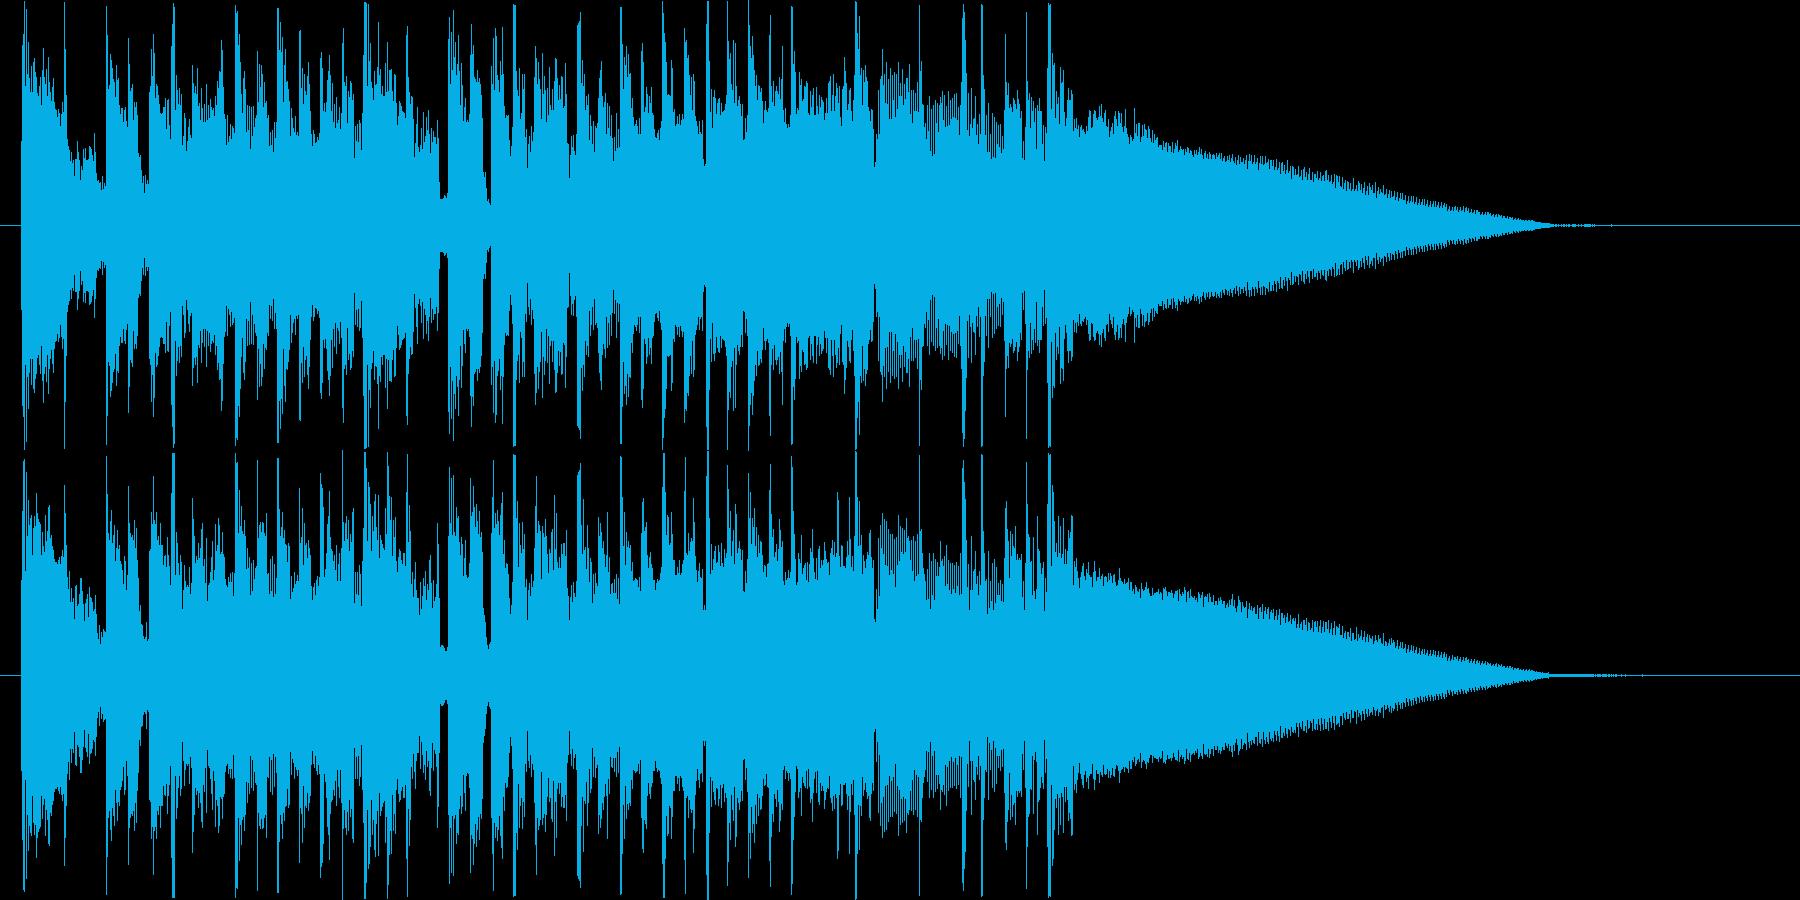 サウンドロゴ、ジングル#3 の再生済みの波形